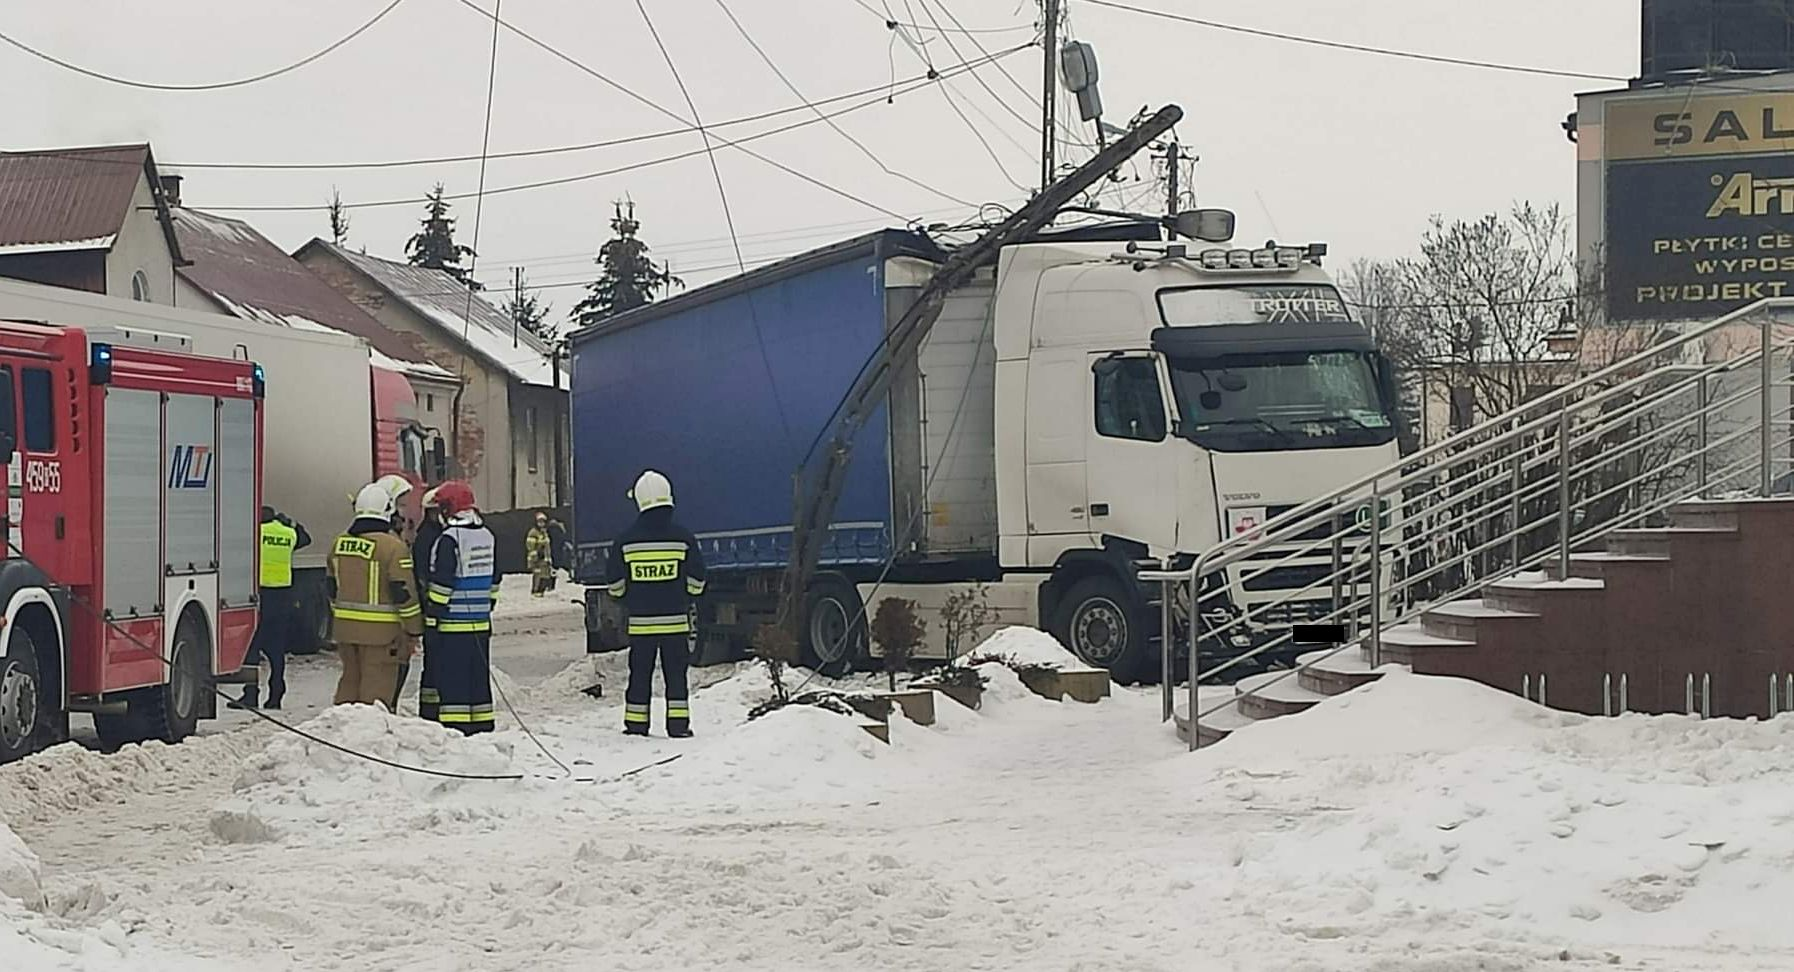 UWAGA! TIR uderzył w słup energetyczny! Część mieszkańców Kolbuszowej bez prądu! [MAPA, AKTUALIZACJA, VIDEO] - Zdjęcie główne